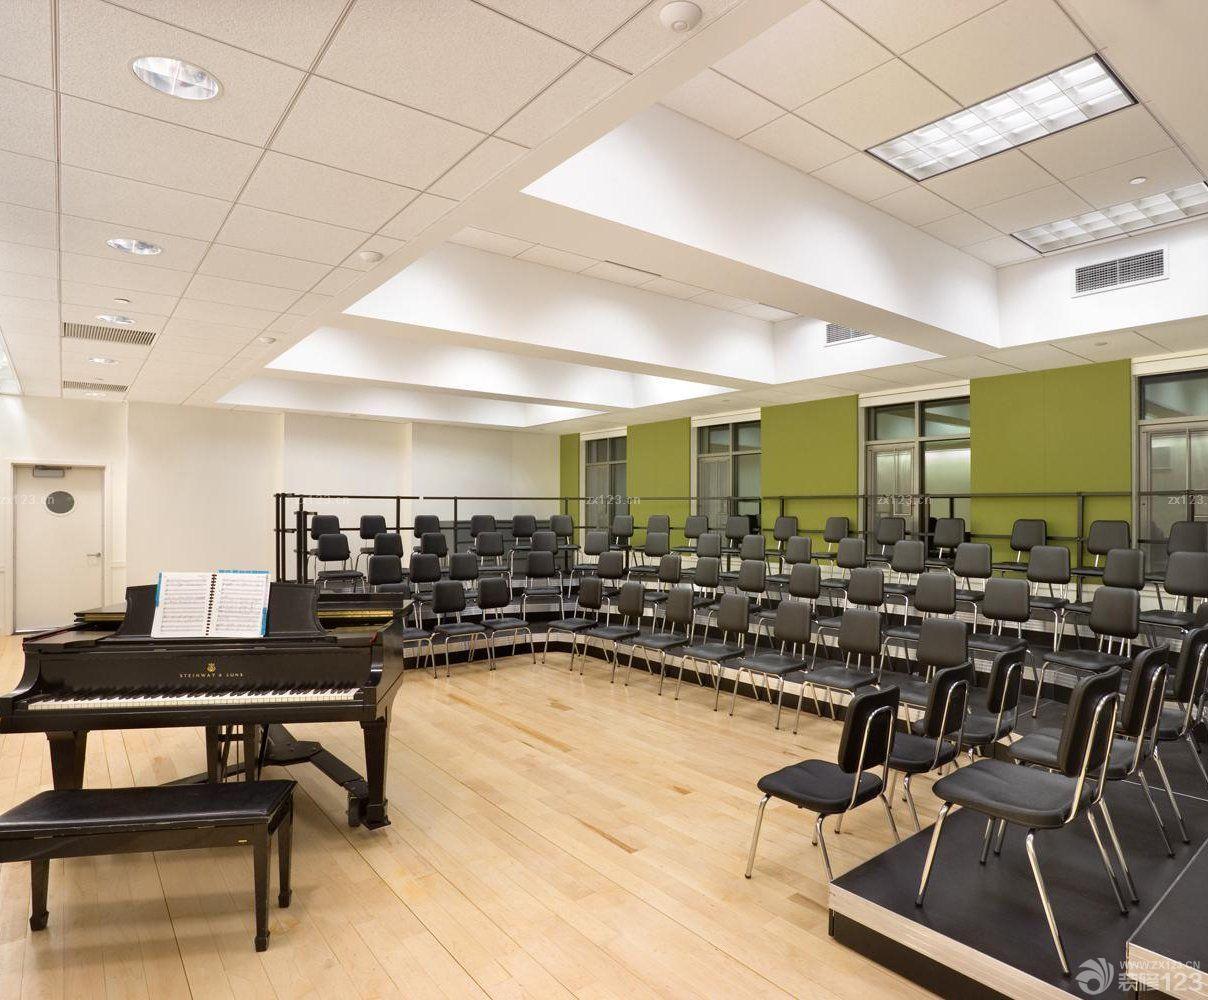 艺术学校教室装修设计图_装修123效果图